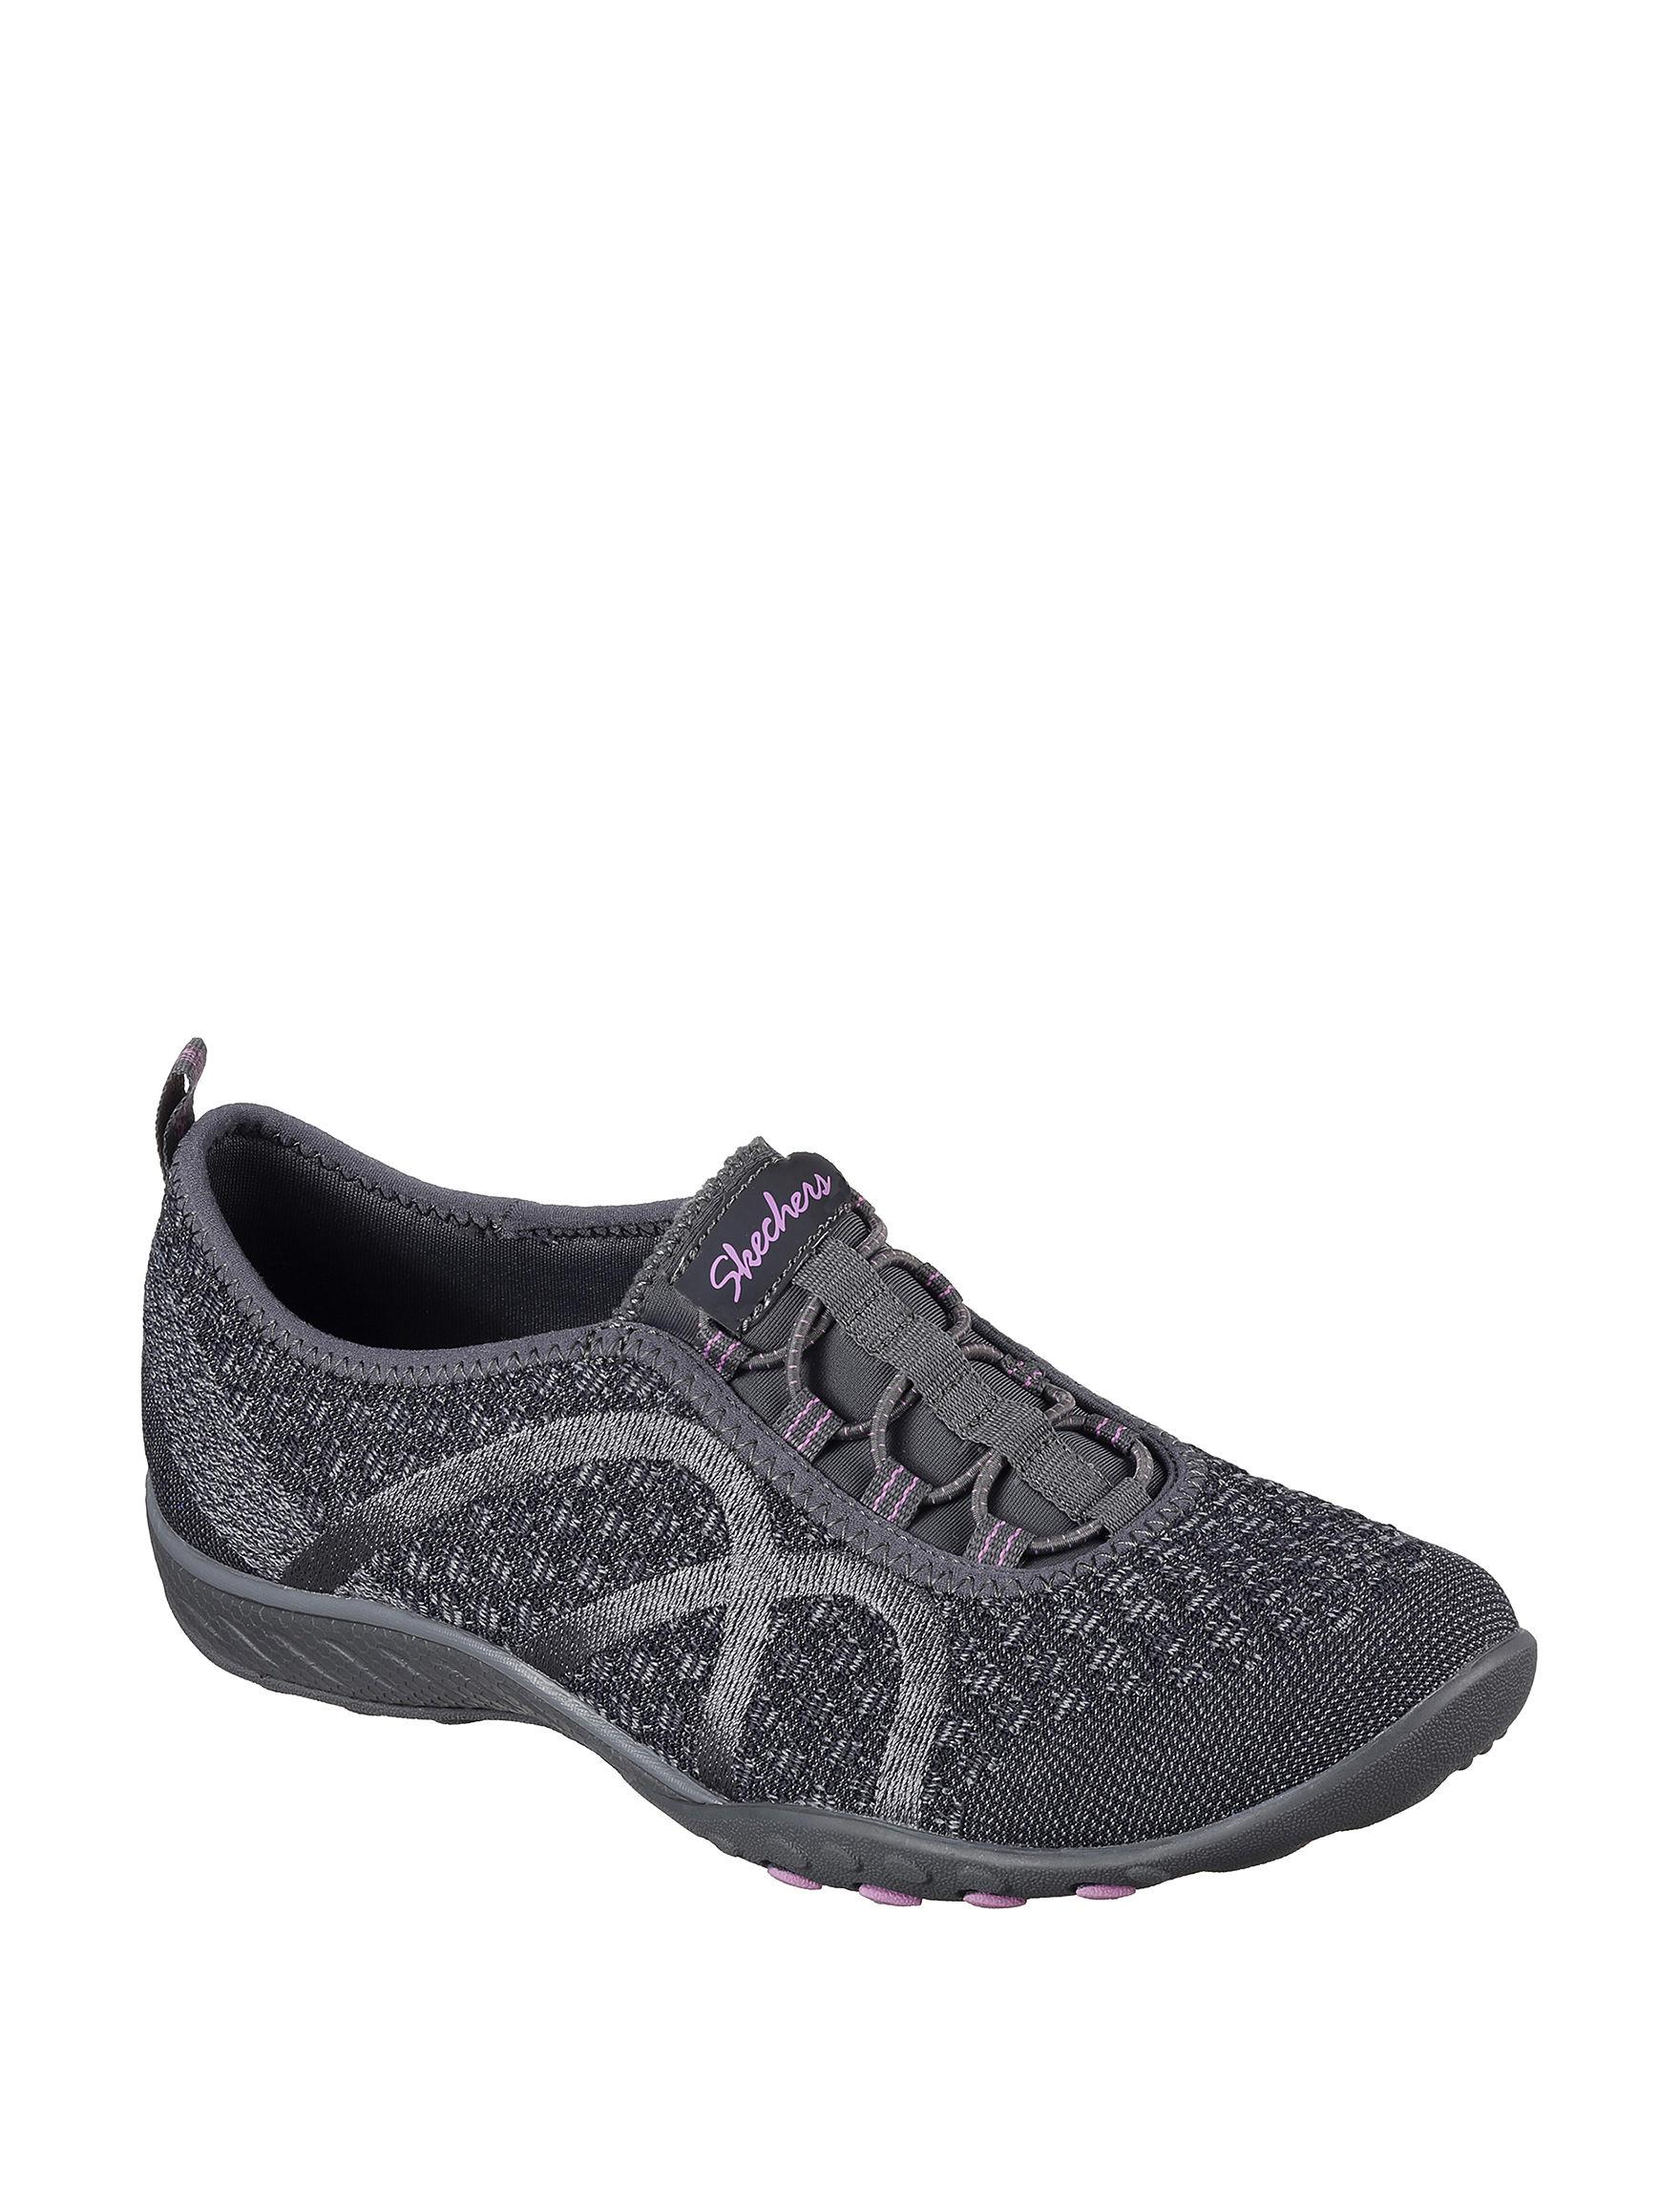 Skechers Black Comfort